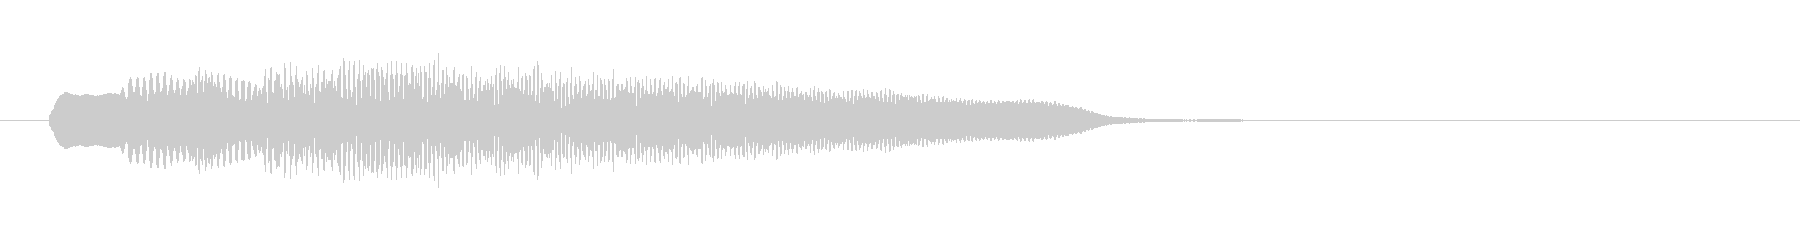 魔法のかかるような効果音の未再生の波形